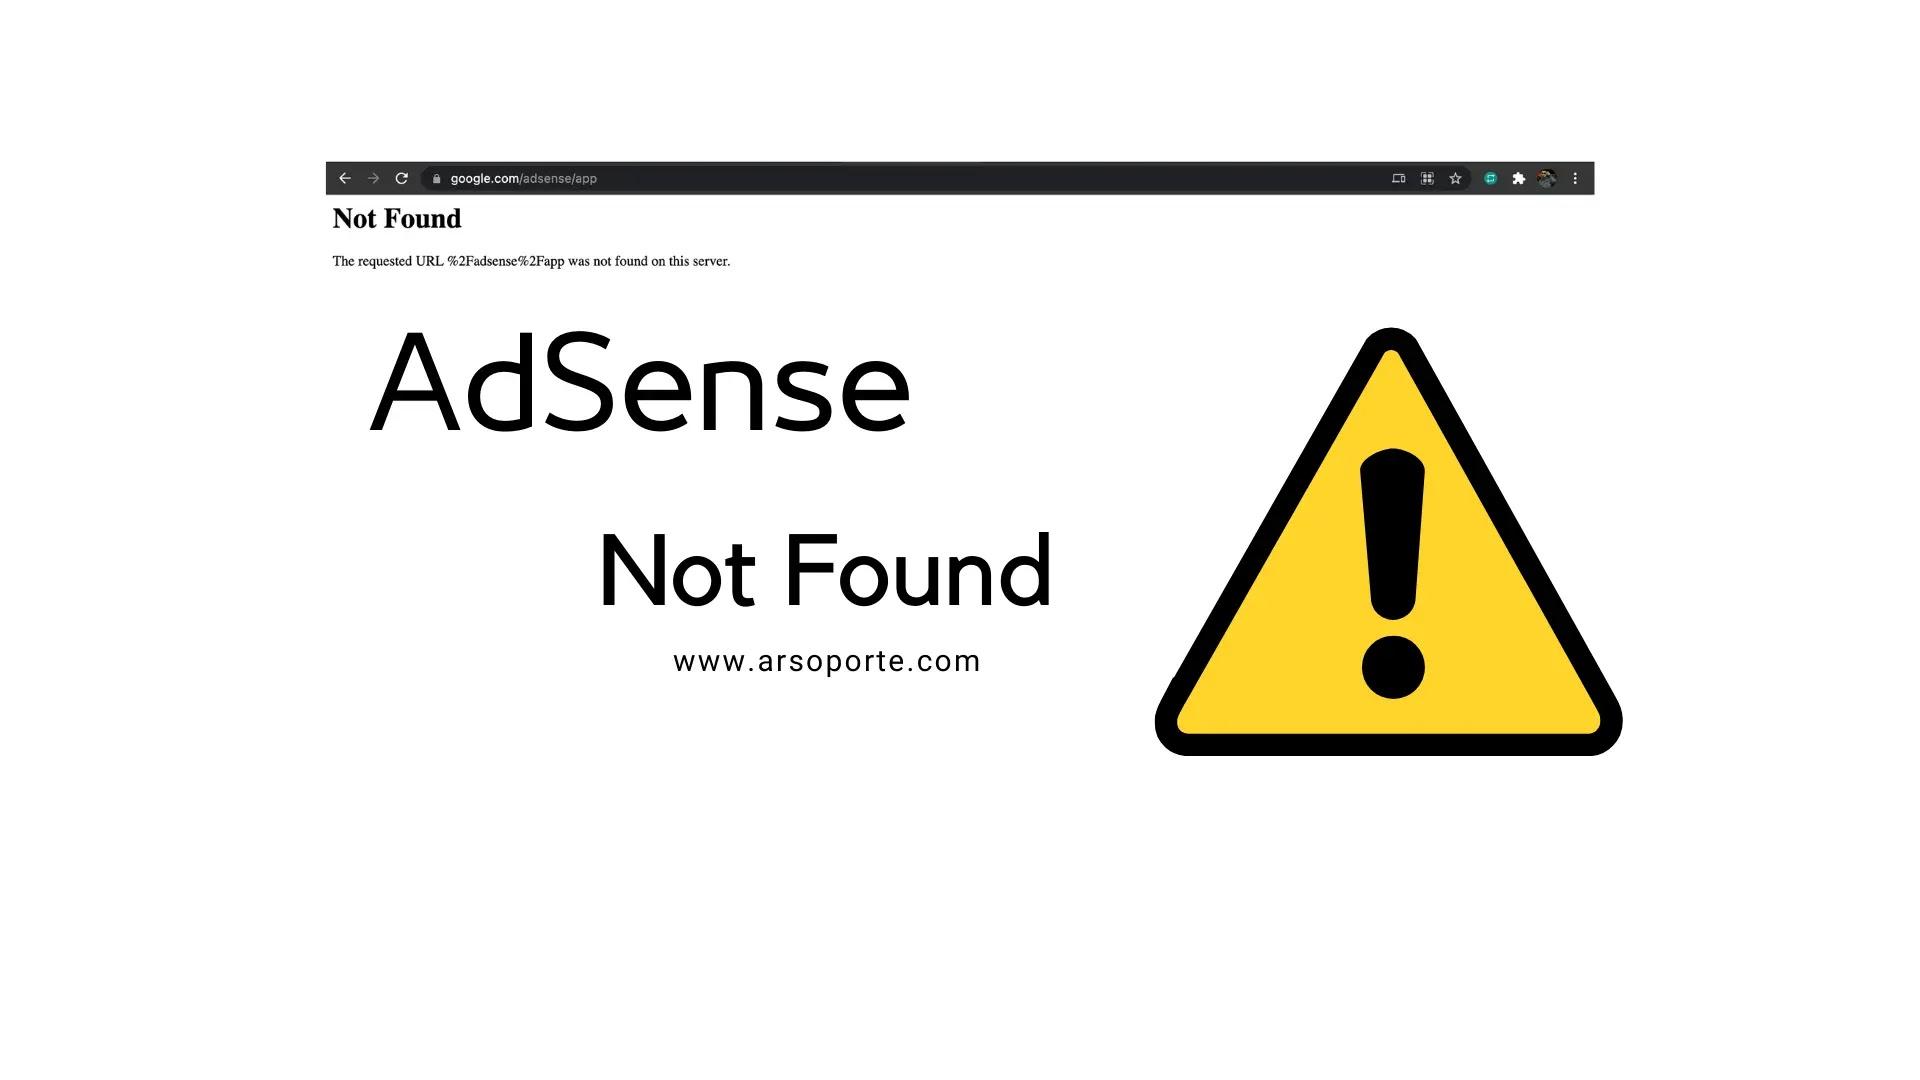 AdSense Not Found